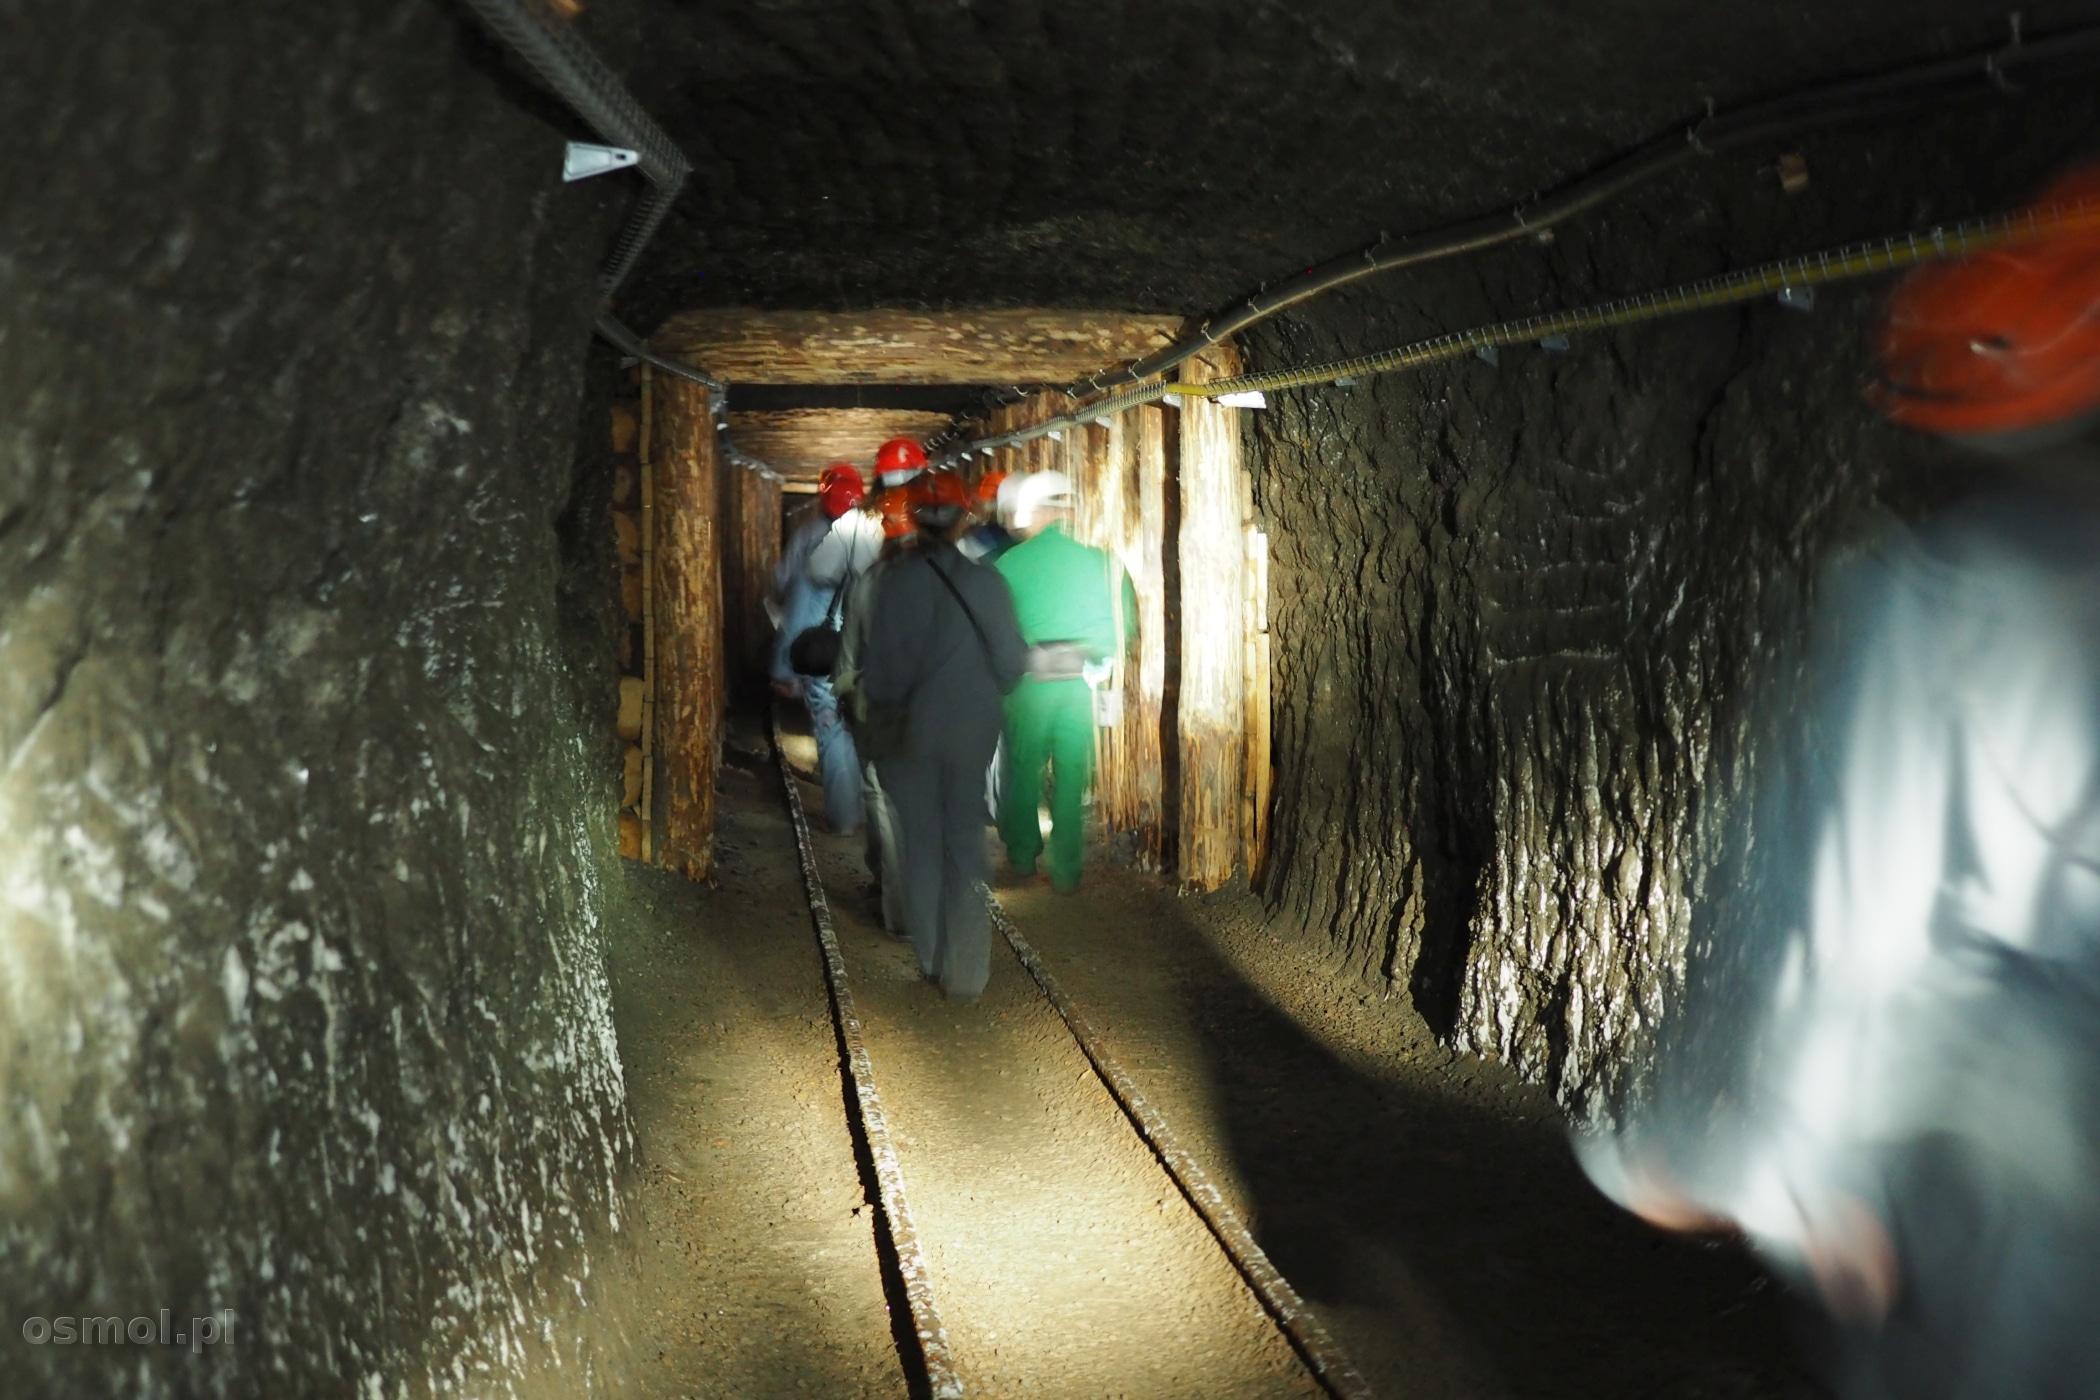 korytarz wydrążony w soli w Wieliczce